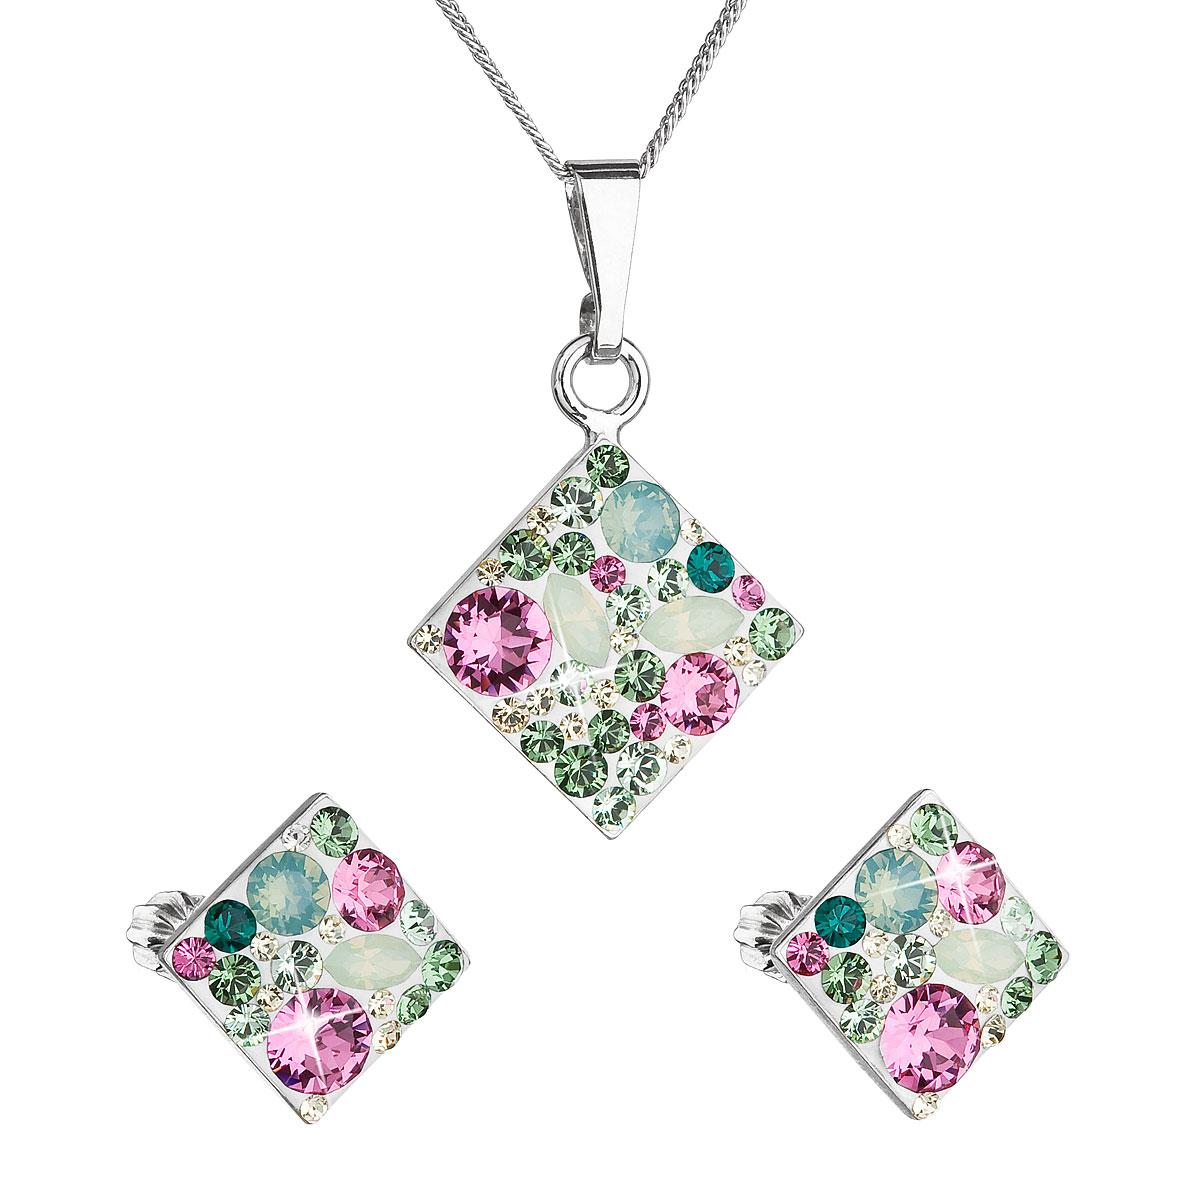 Sada šperkov s krištáľmi Swarovski náušnice, retiazka a prívesok zelený kosoštvorec 39126.3 chrysolite